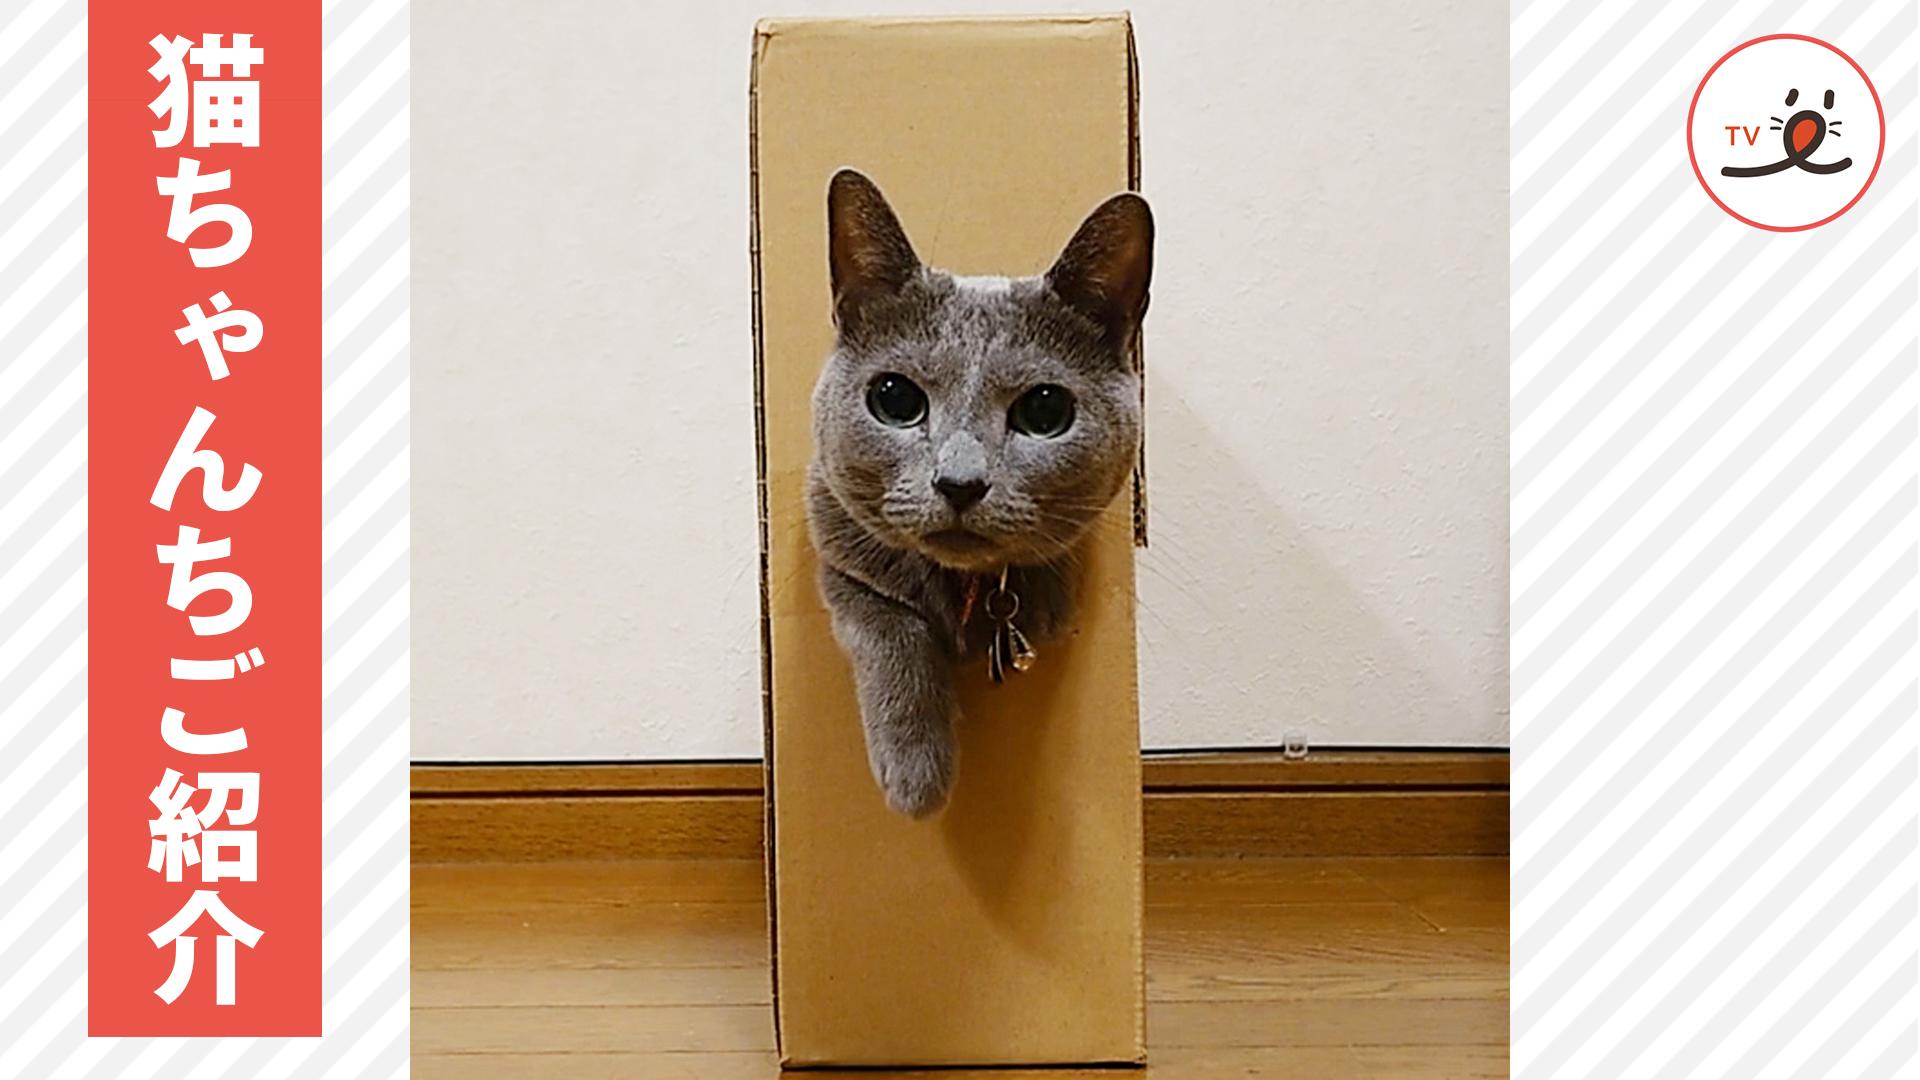 「私のお城へようこそ💓」 猫ちゃんのご自宅紹介🏠☺️